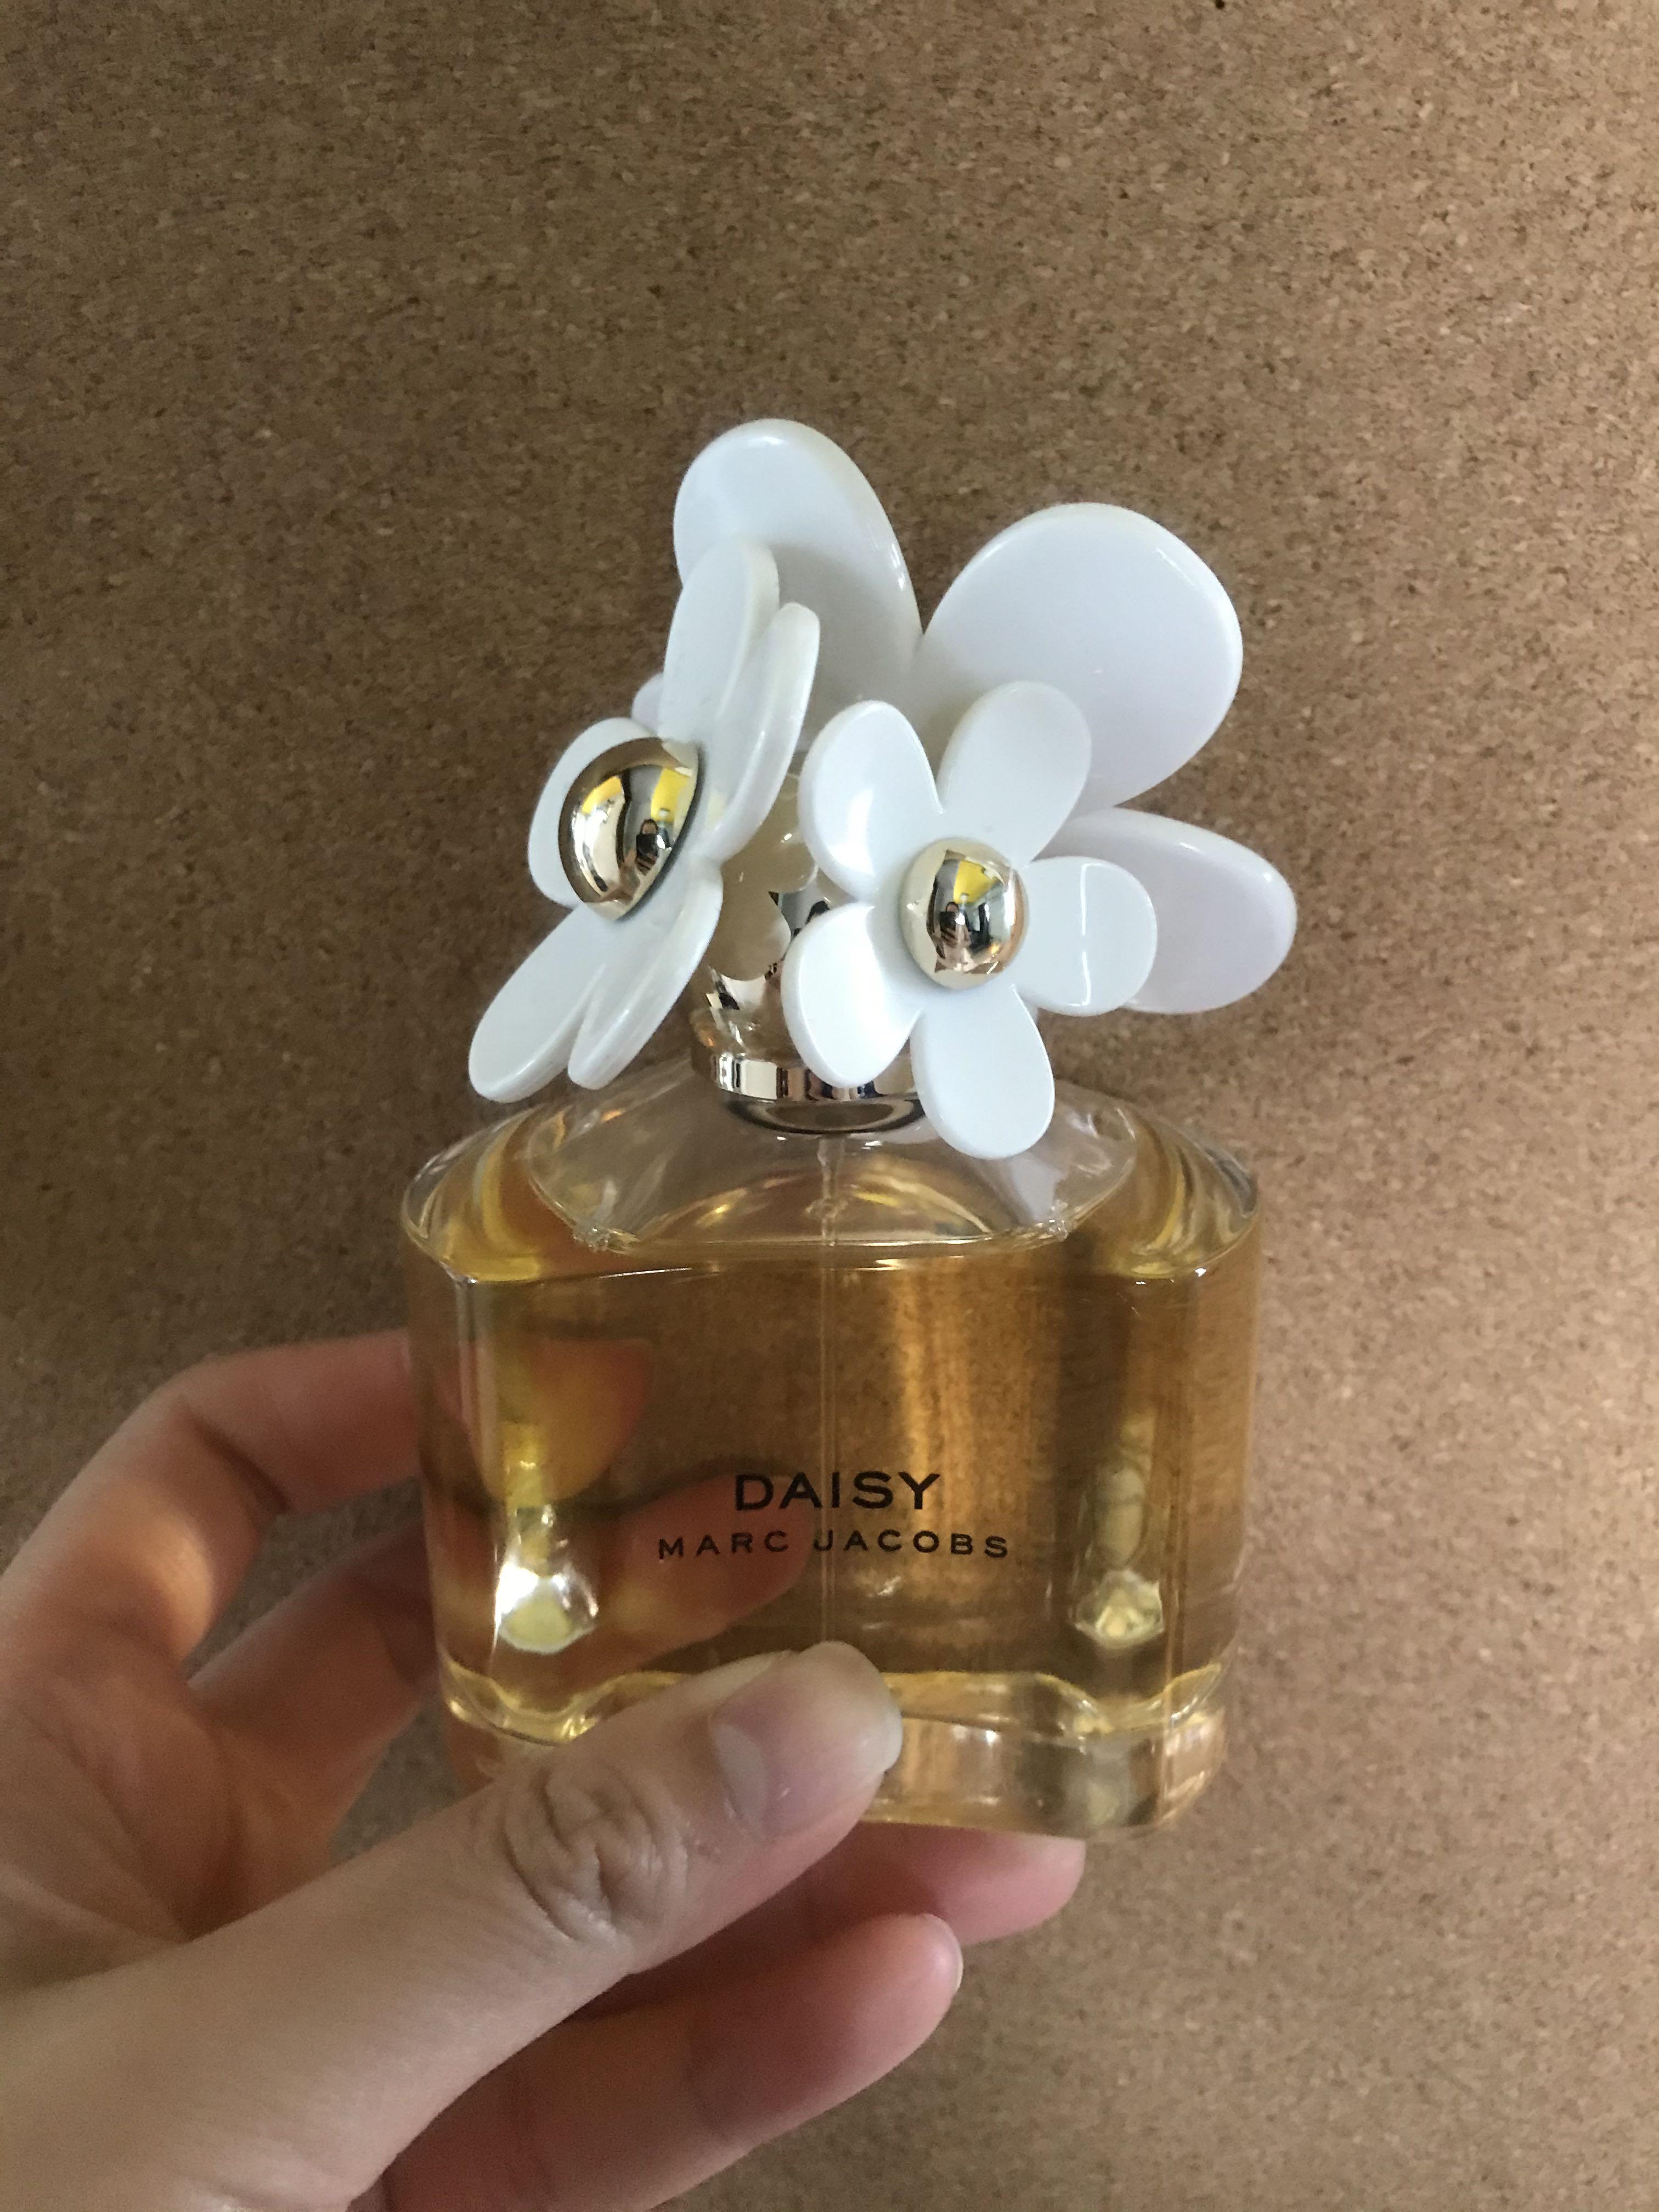 99%new ! Marc Jacobs Daisy Perfume 100ml